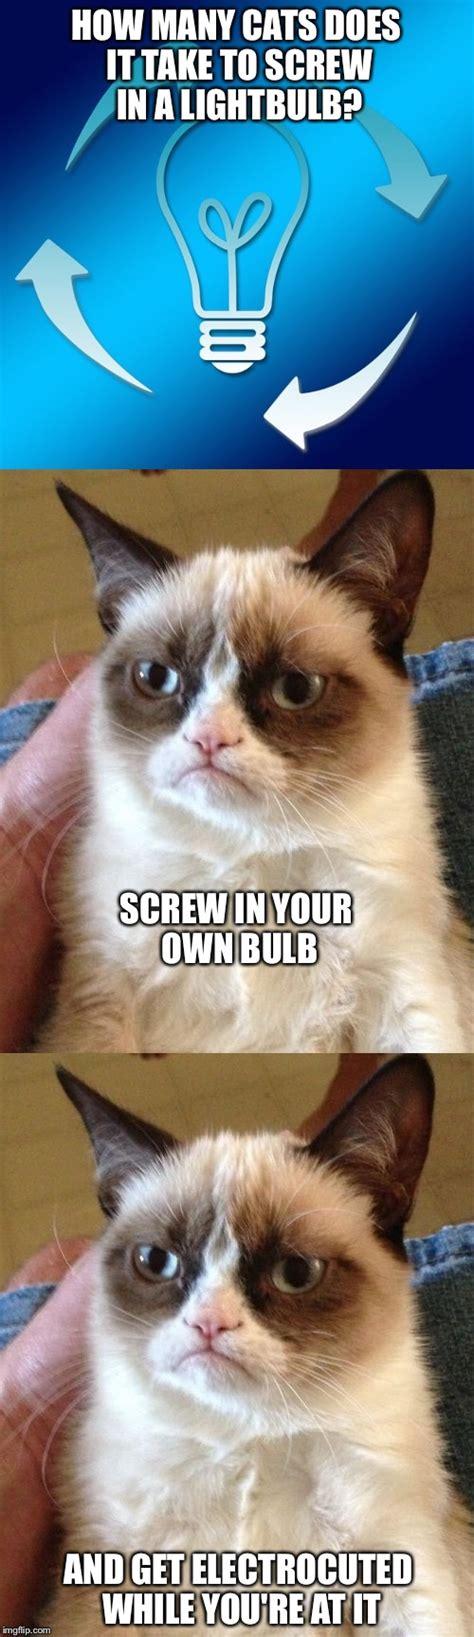 Make Your Own Grumpy Cat Meme - grumpy cat imgflip